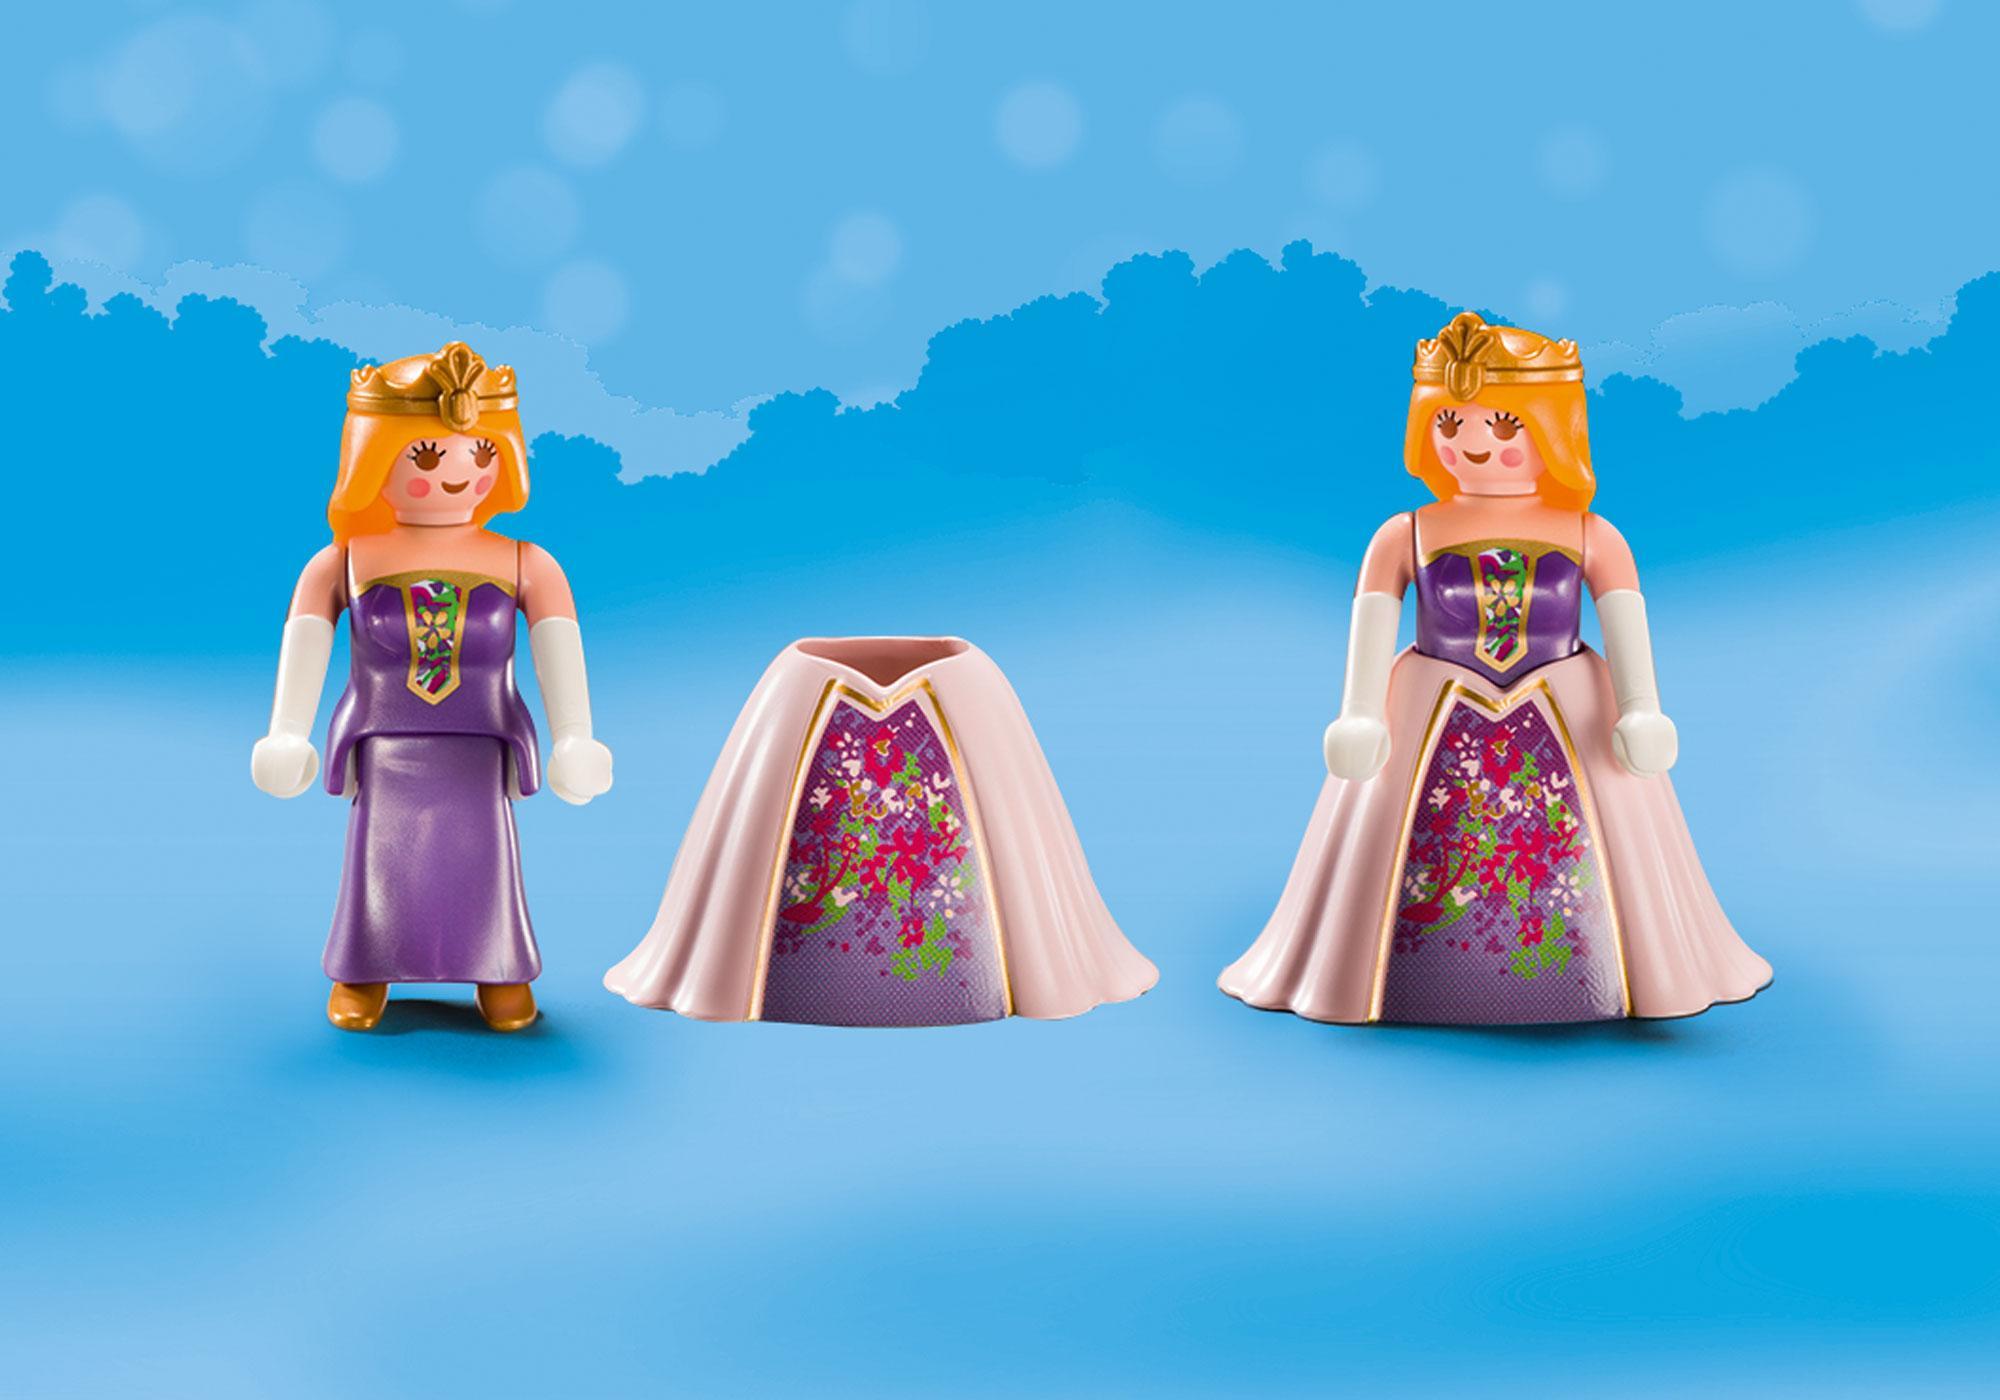 http://media.playmobil.com/i/playmobil/70107_product_extra1/Maleta grande Princesas e Unicórnio